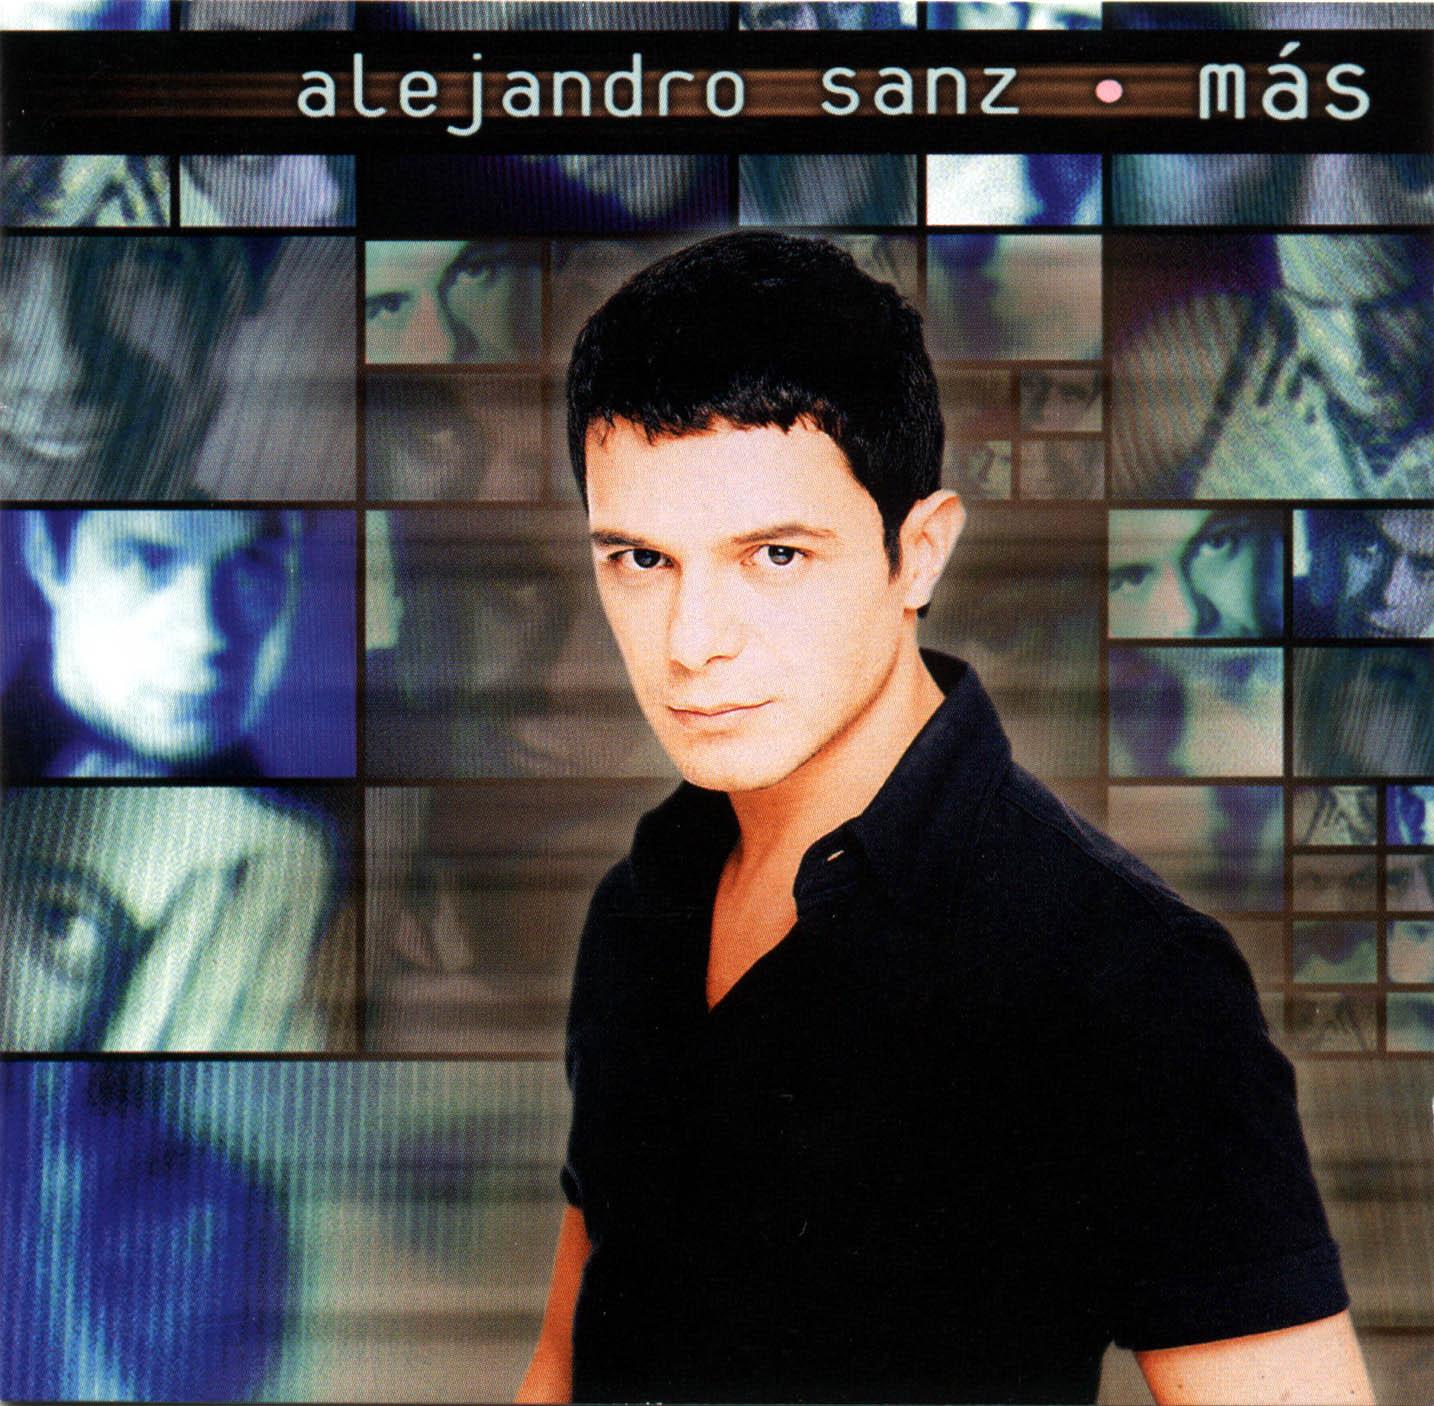 alejandro_sanz-mas-frontal